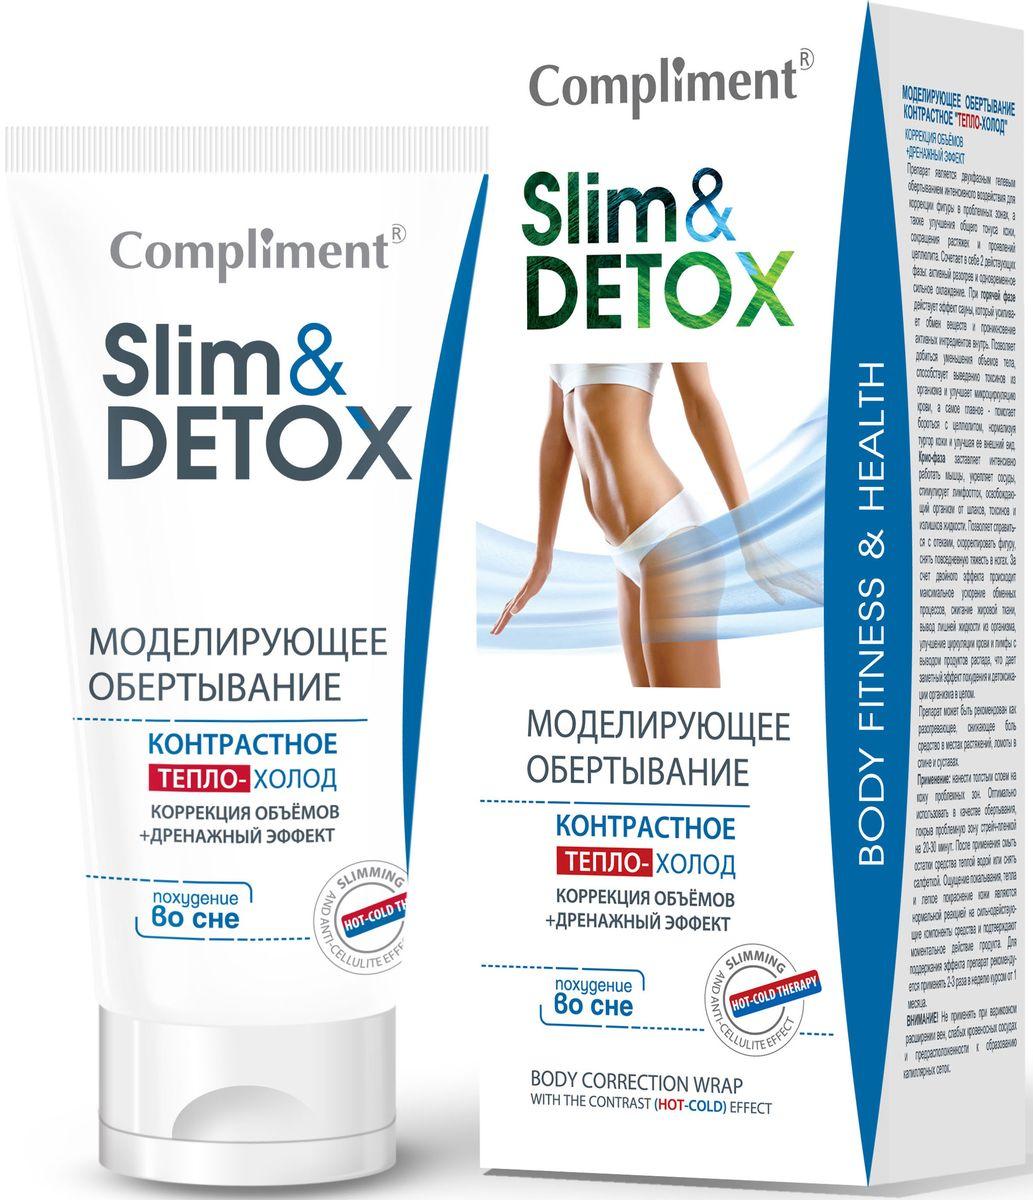 Compliment Slim&Detox Обертывание Тепло-Холод, 200 мл5215Препарат является двухфазным гелевым обертыванием эффективного воздействия для коррекции фигуры в проблемных зонах, а также улучшения общего тонуса кожи, сокращения растяжек и проявлений целлюлита. Благодаря наличию камфары и ментола, продукт сочетает в себе активный разогрев и одновременное охлаждение. За счет двойного эффекта происходит максимальное ускорение обменных процессов, сжигание жировой ткани, вывод лишней жидкости из организма, улучшение циркуляции крови и лимфы с выводом продуктов распада. Экстракт виноградных косточек способствует детоксикации процессов метаболизма и является мощнейшим антиоксидантом. Кофеин стимулирует кровообращение и выработку адреналина, обладает мощным подтягивающим действием.